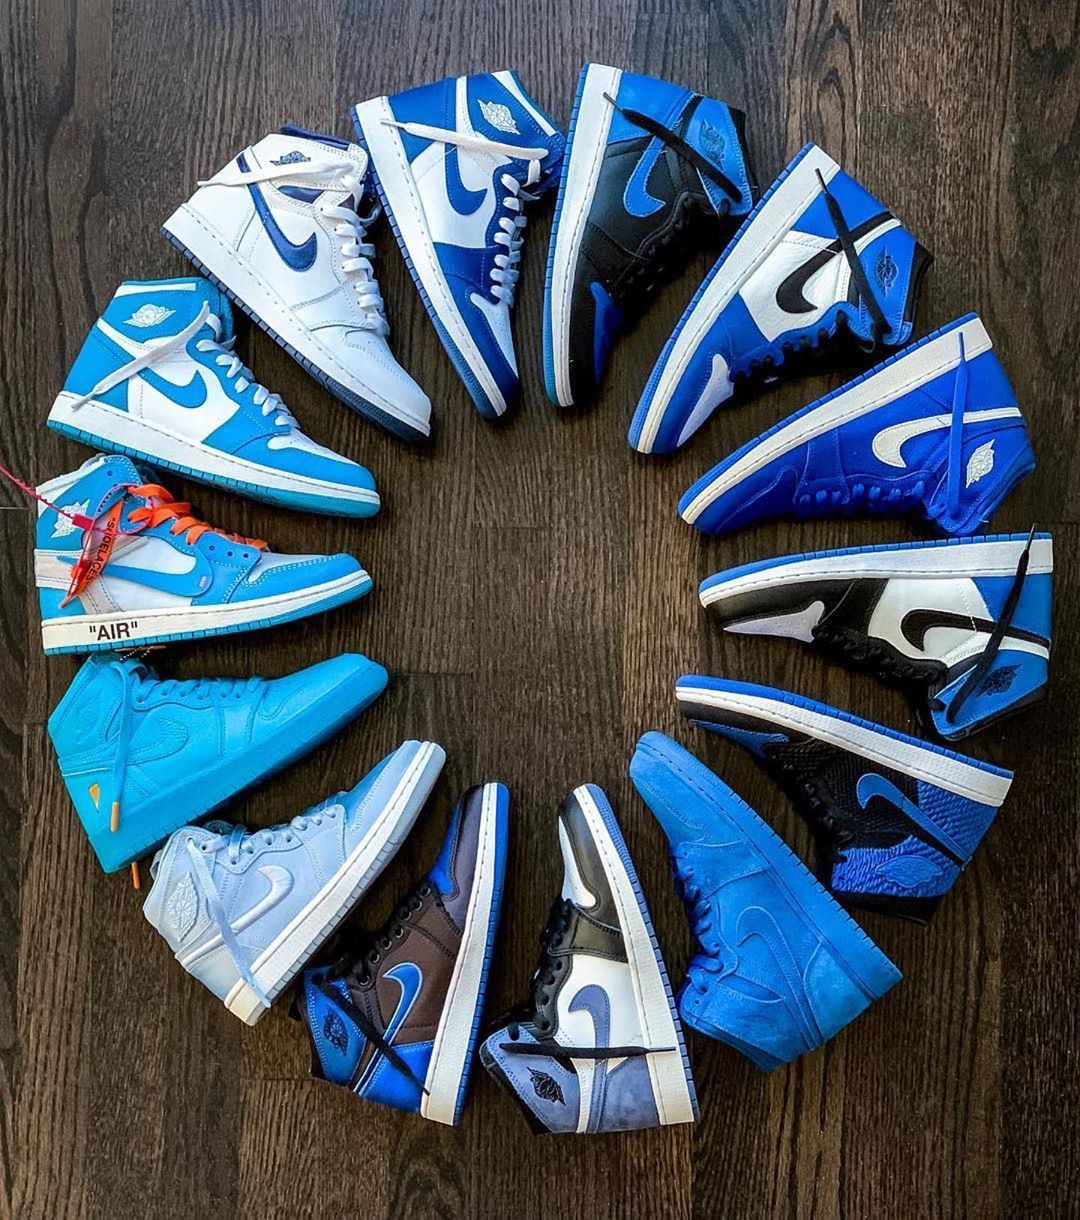 Sneakers nike jordan, Air jordans retro